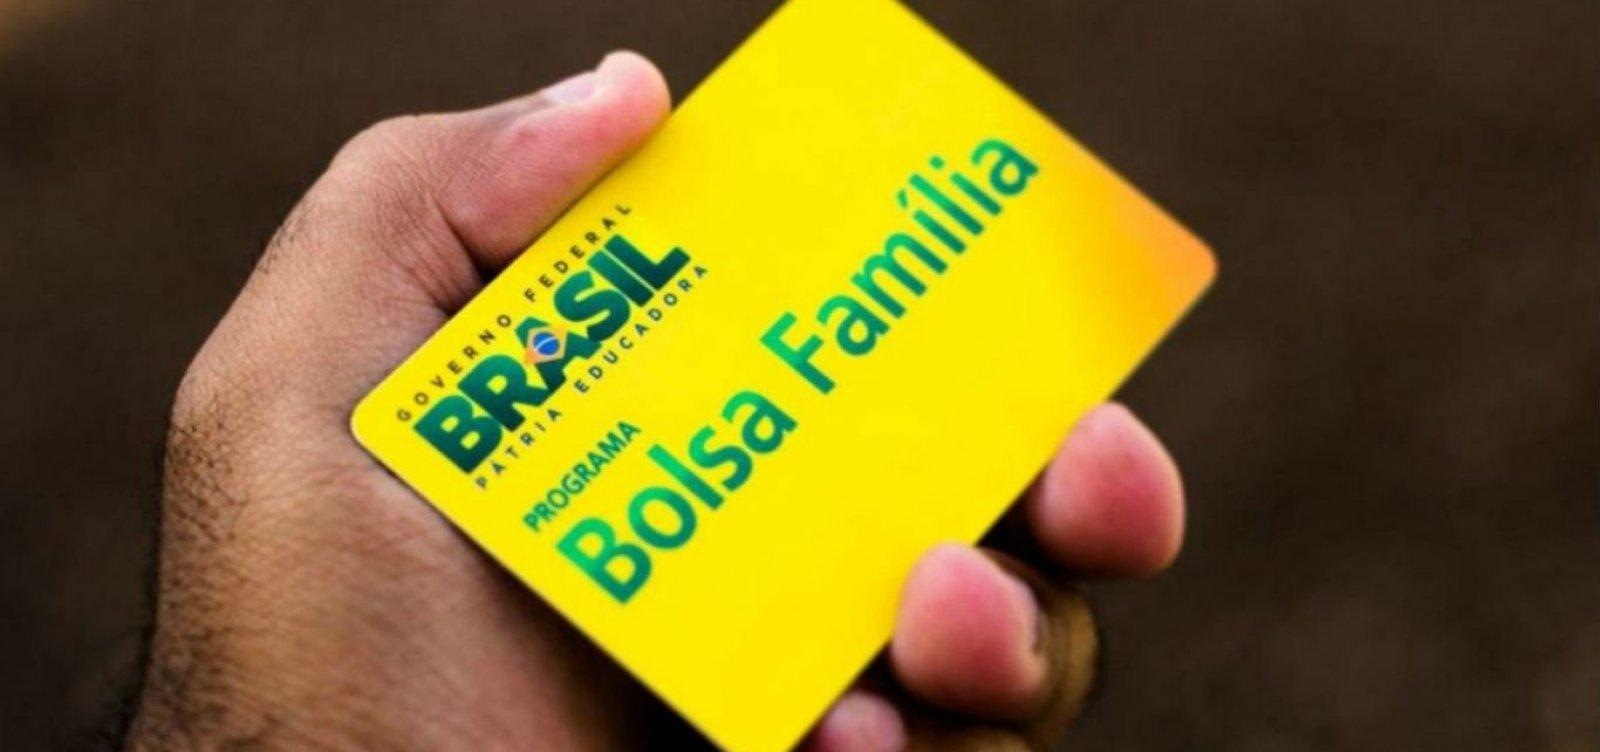 Coronavírus: estados do Nordeste vão ao STF para impedir cortes no Bolsa Família